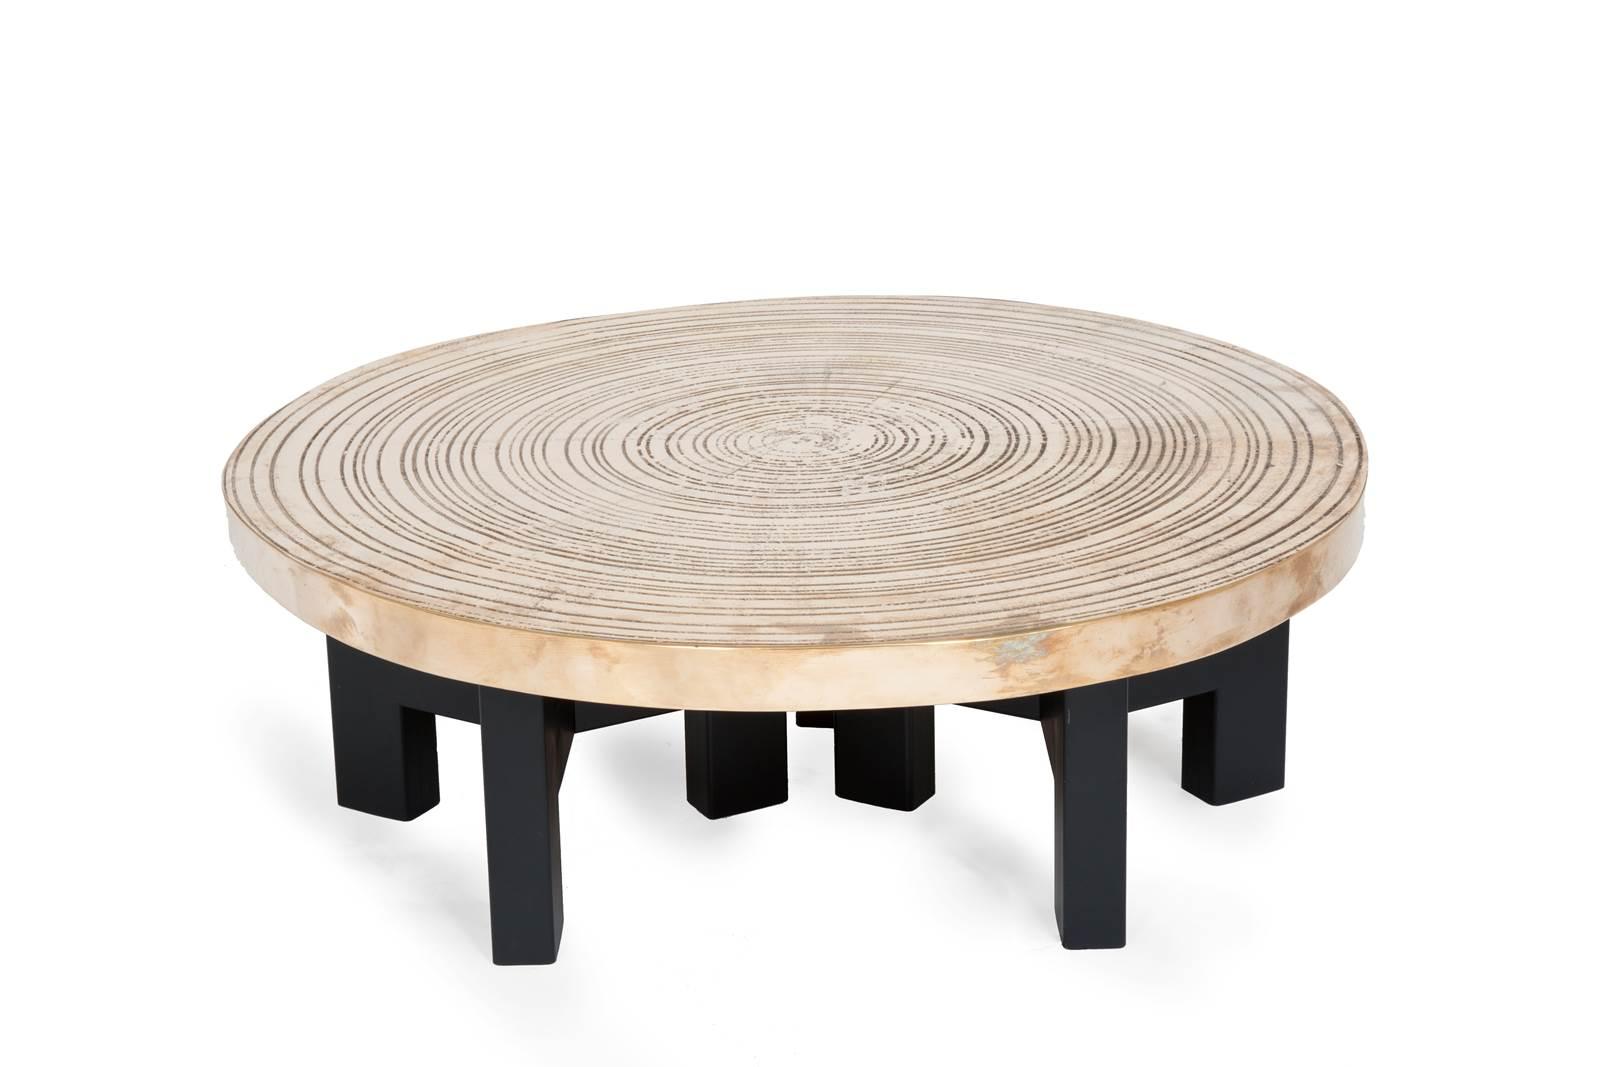 ado chale 39 goutte d 39 eau 39 circular table. Black Bedroom Furniture Sets. Home Design Ideas